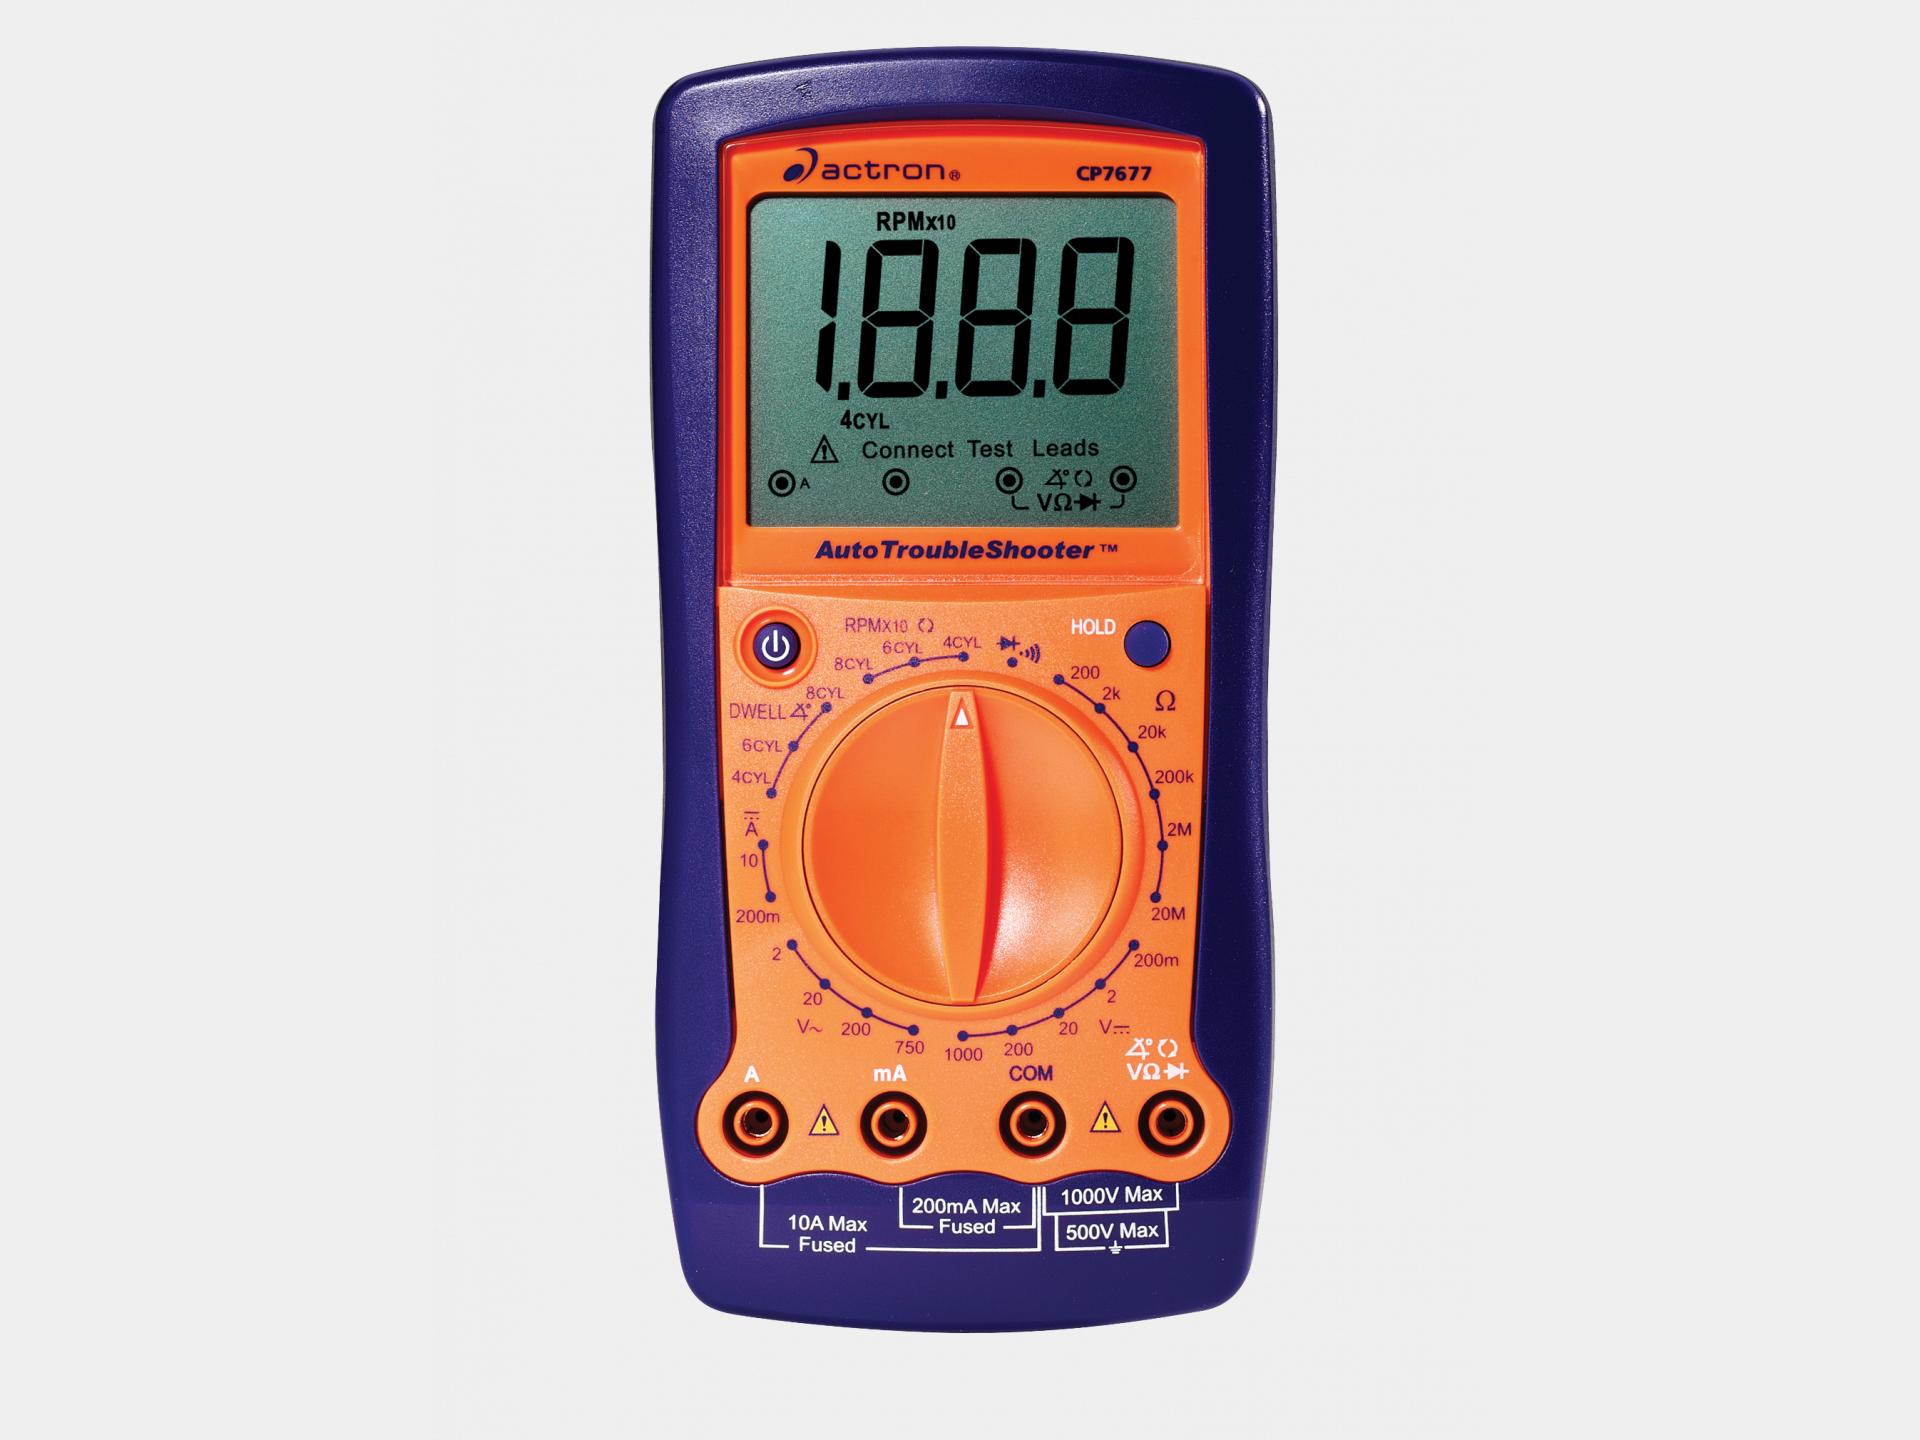 Otc 3980 Multimeter User Manual